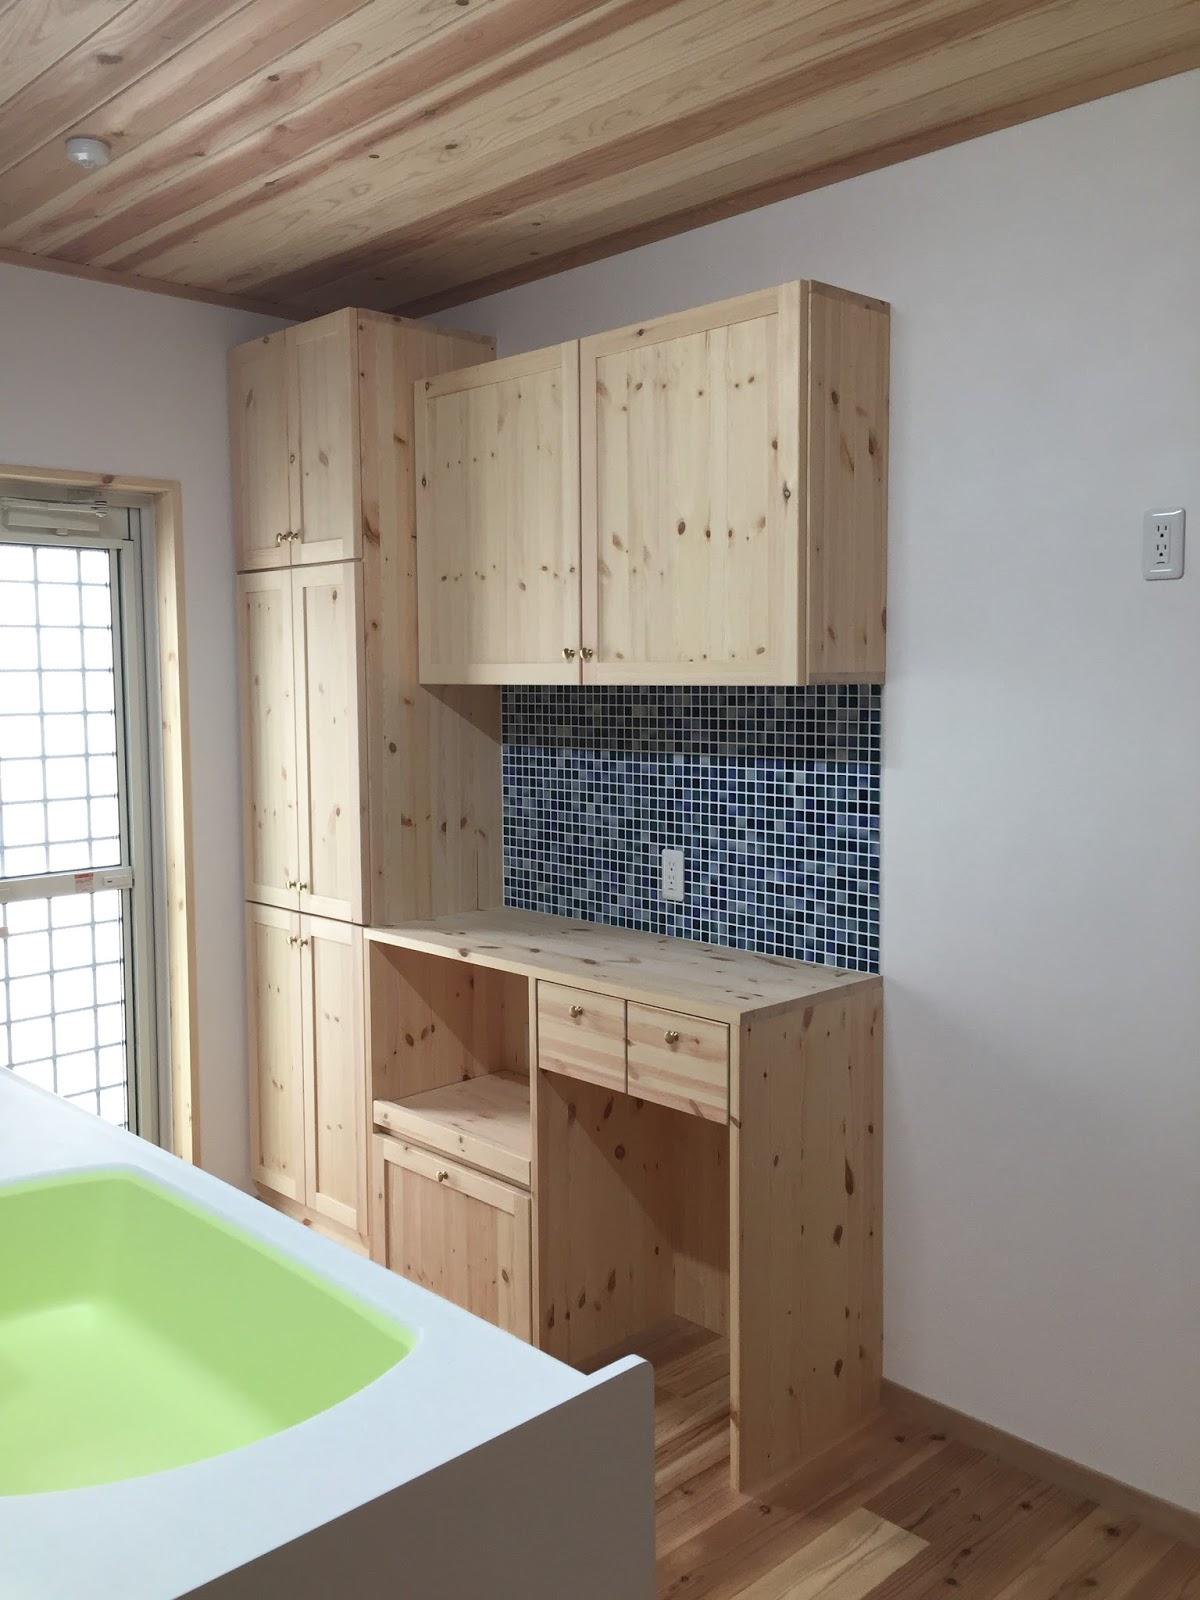 平屋の家 三重県 四日市市 自然素材の胃注文住宅